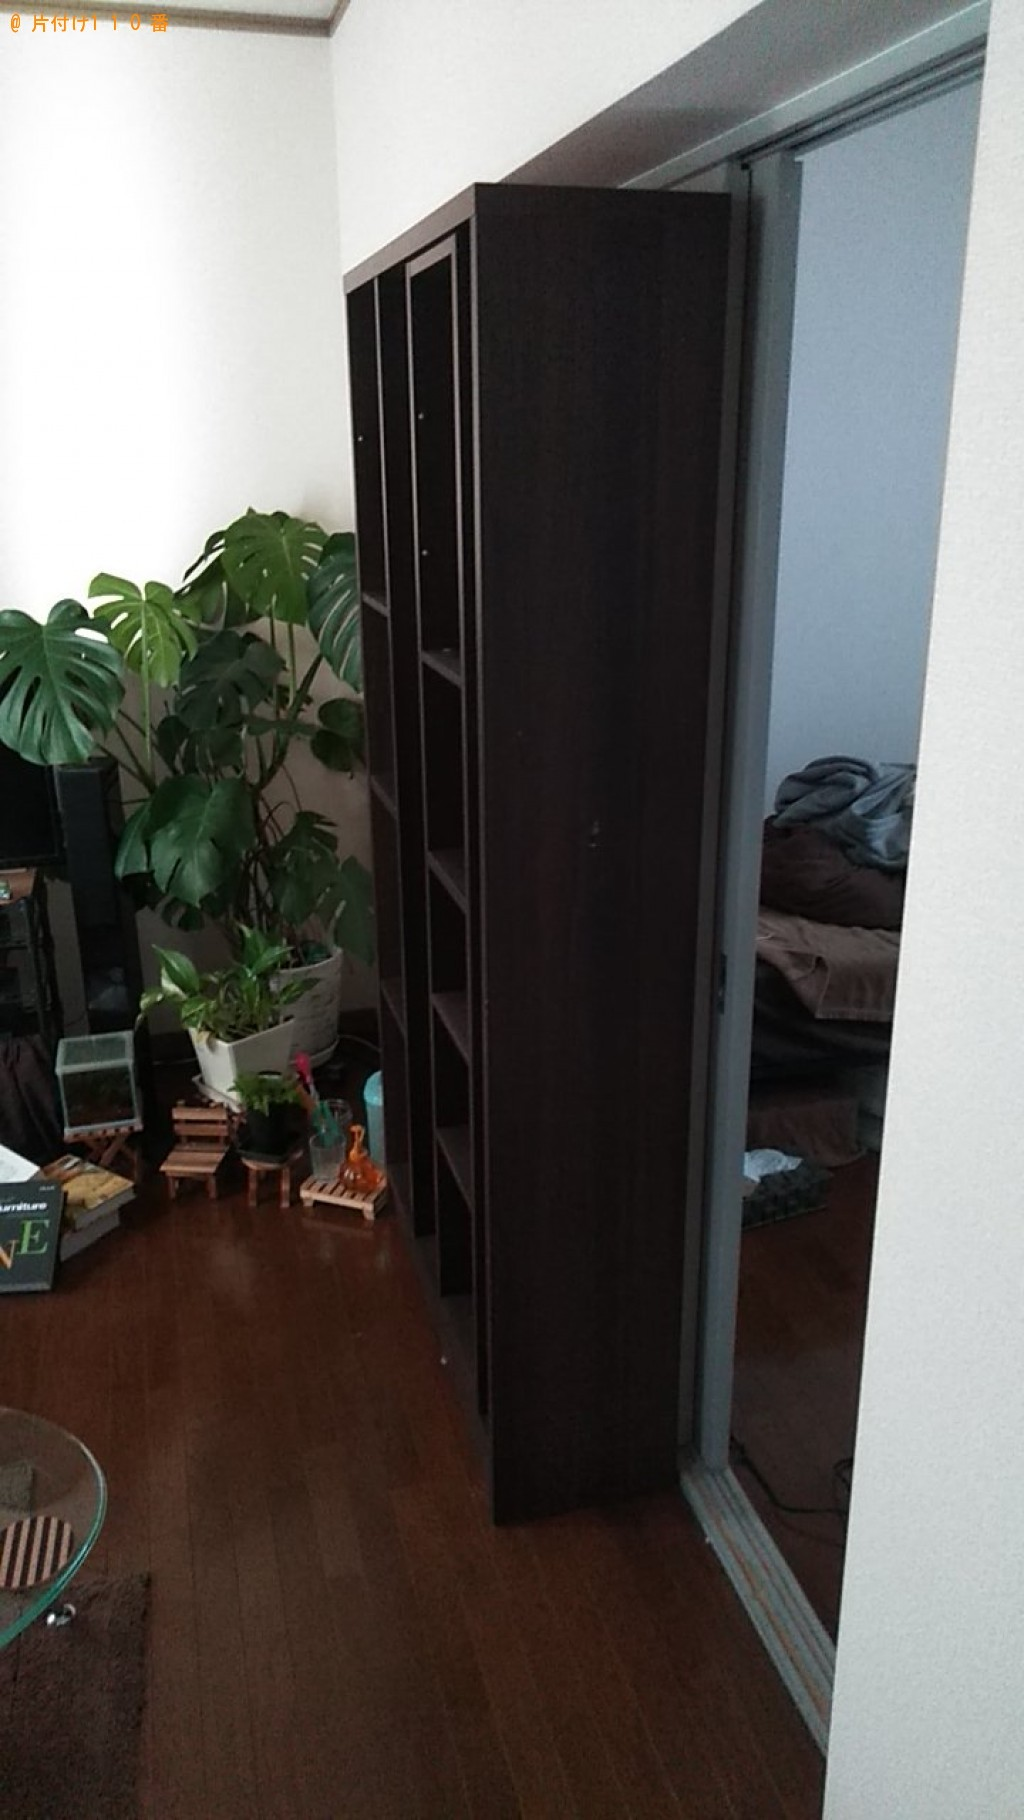 【松山市】本棚の回収・処分のご依頼 お客様の声